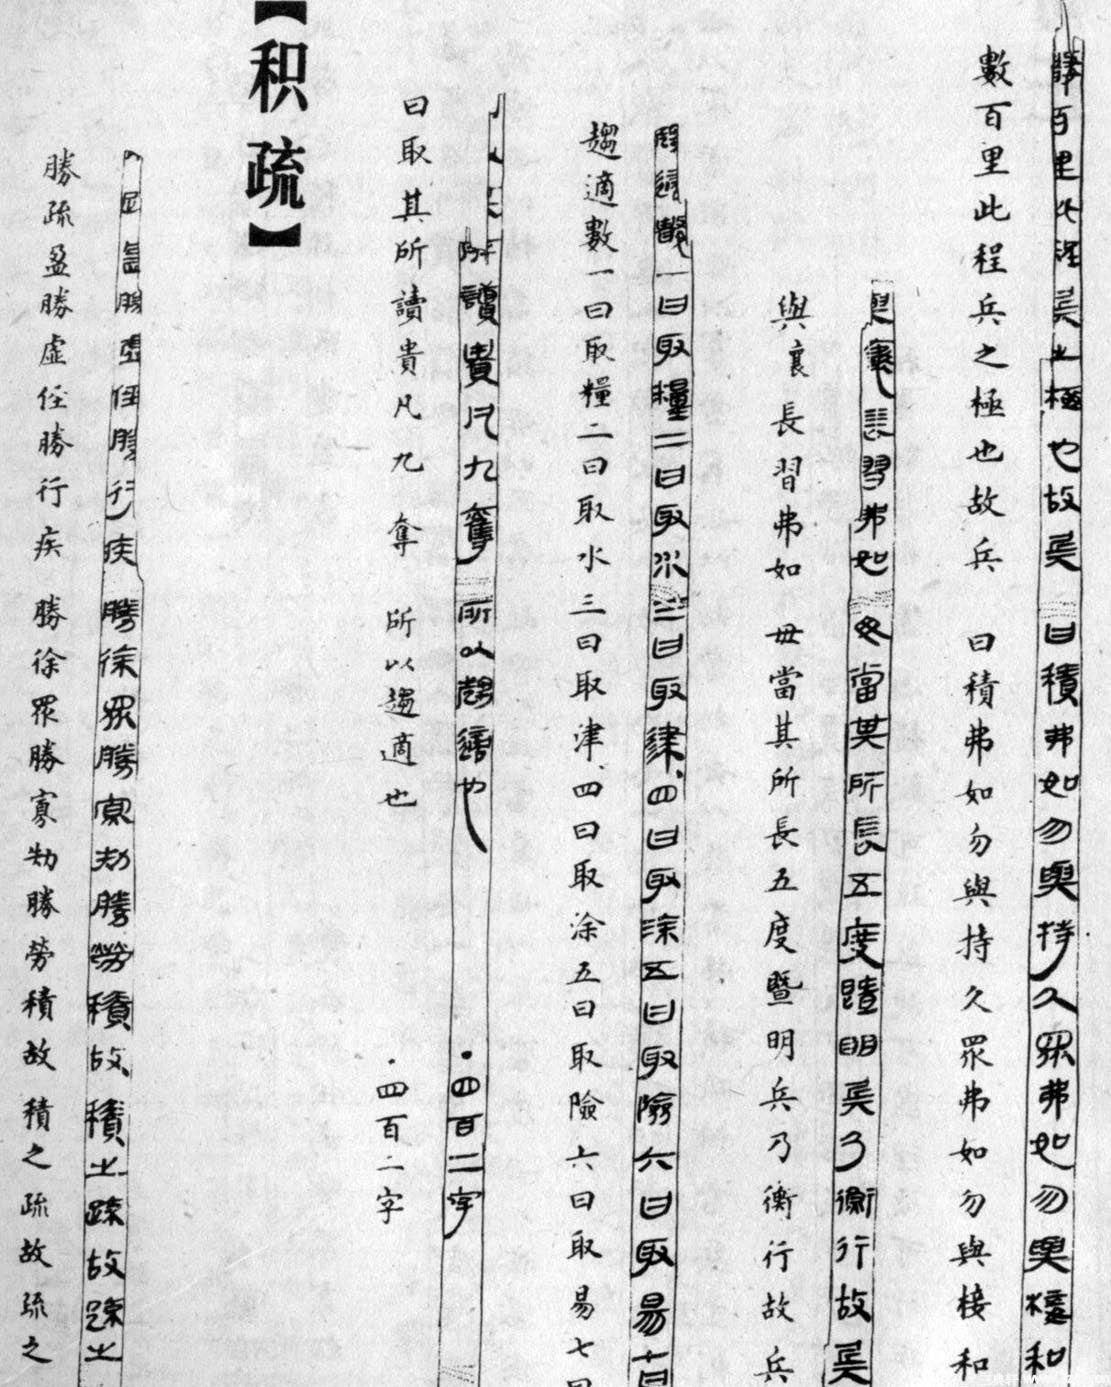 山东临沂出土汉简 孙膑兵法 下 书法0054 隶书 书法绘画作